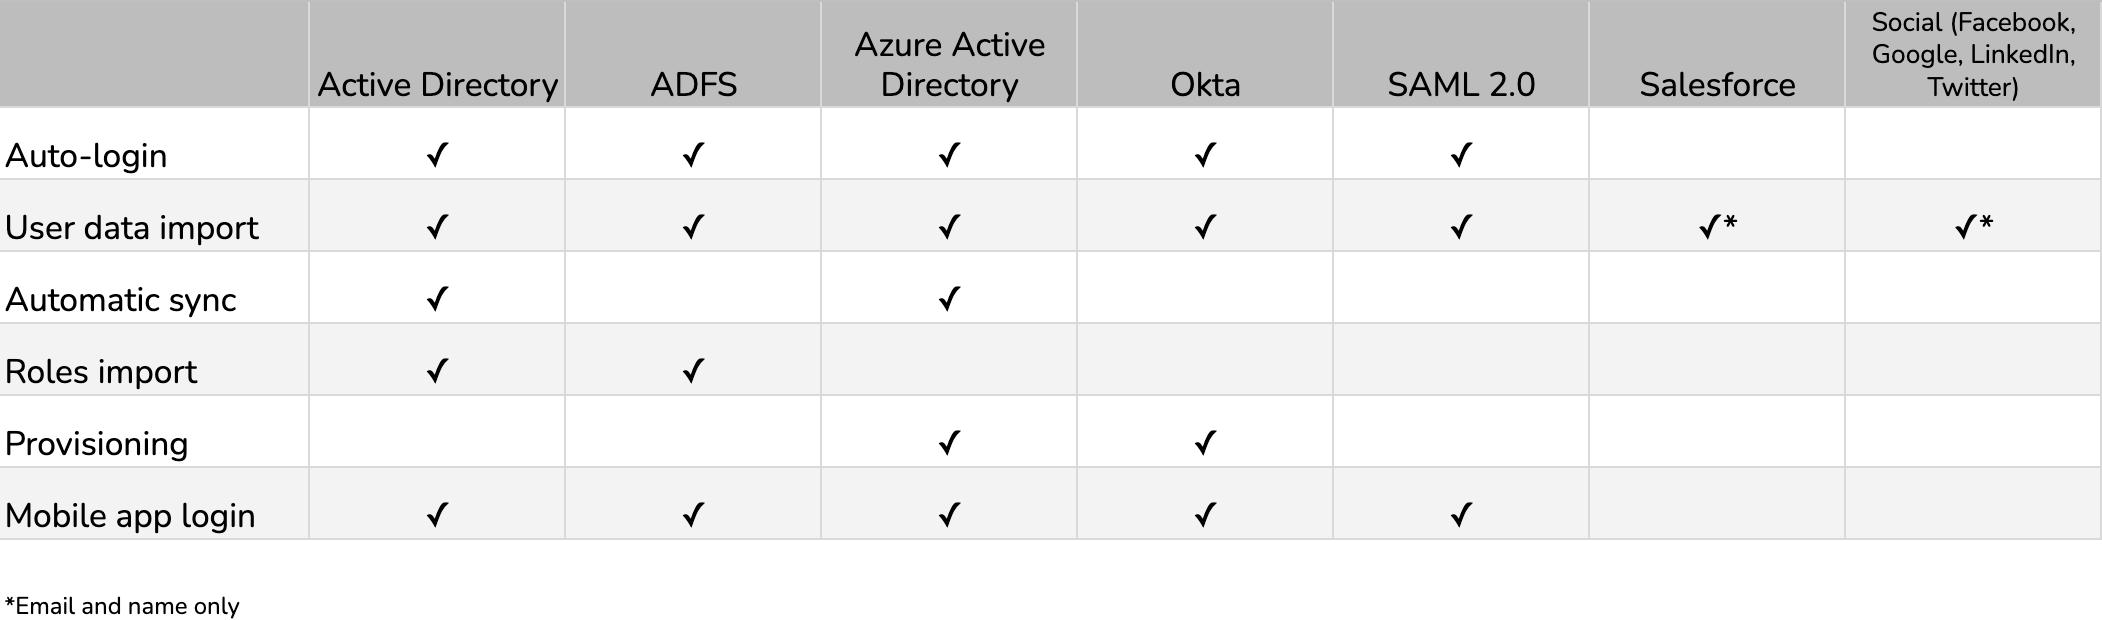 Comparison of SSO providers